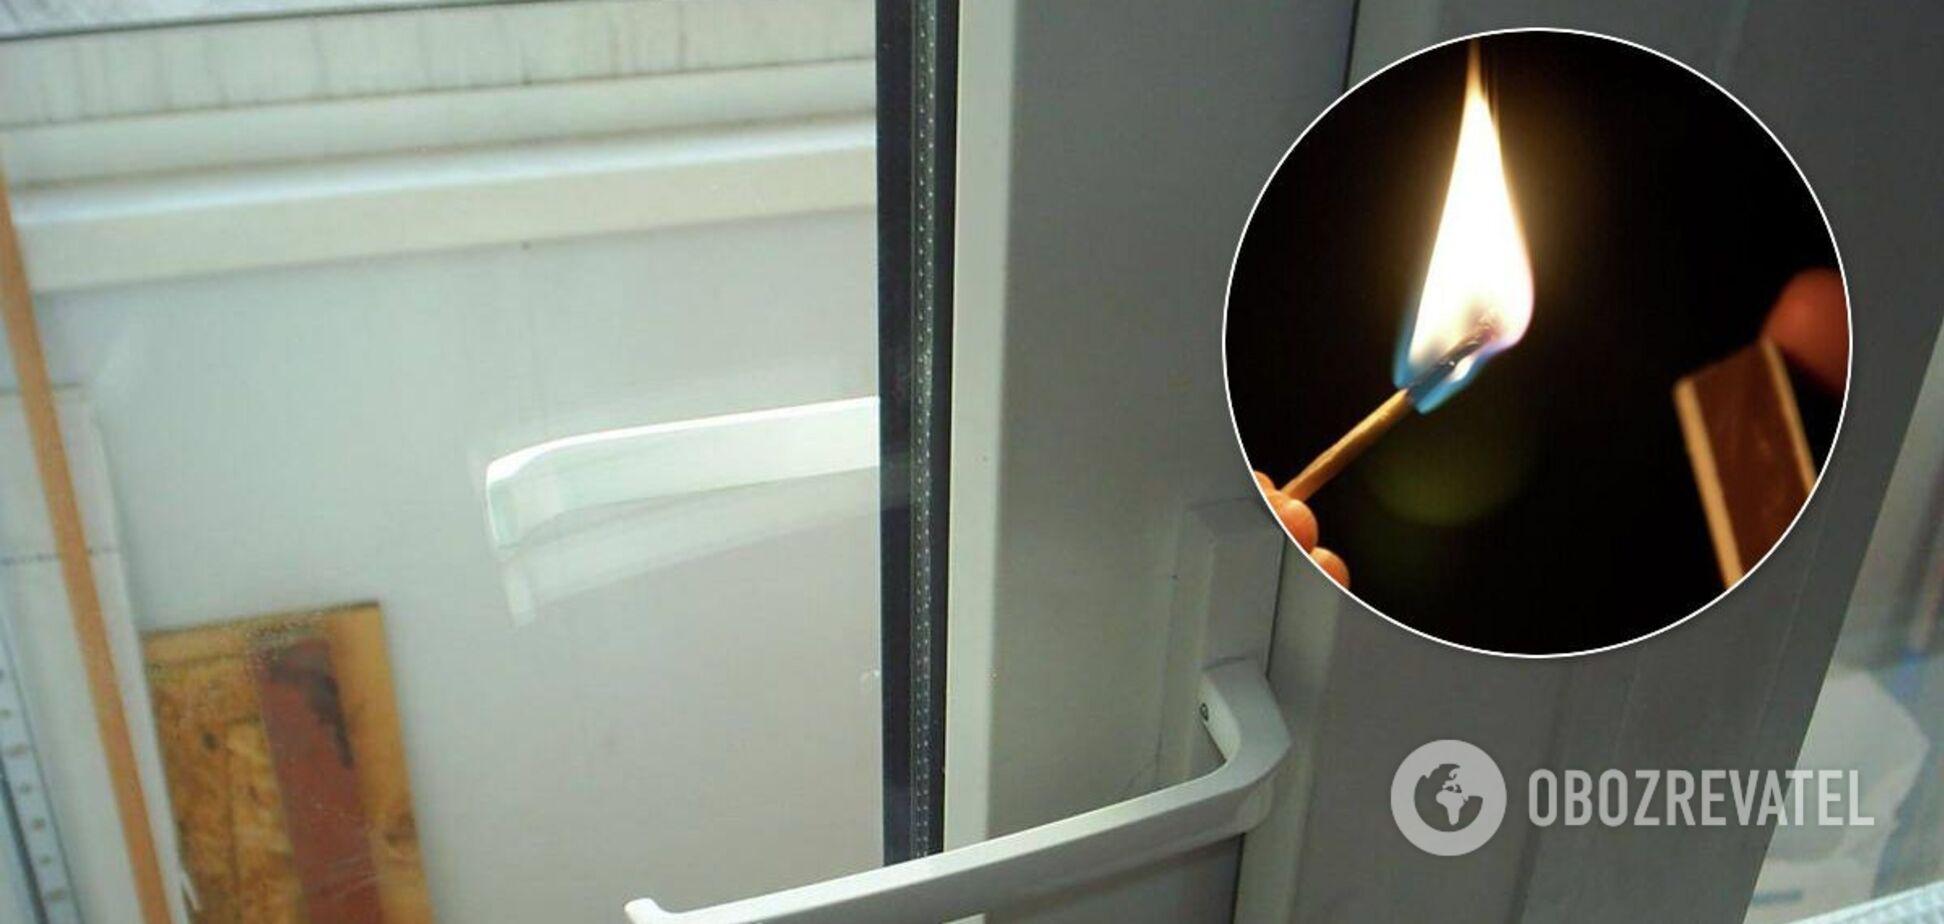 У Дніпрі закрита п'яною матір'ю на балконі дитина влаштувала пожежу